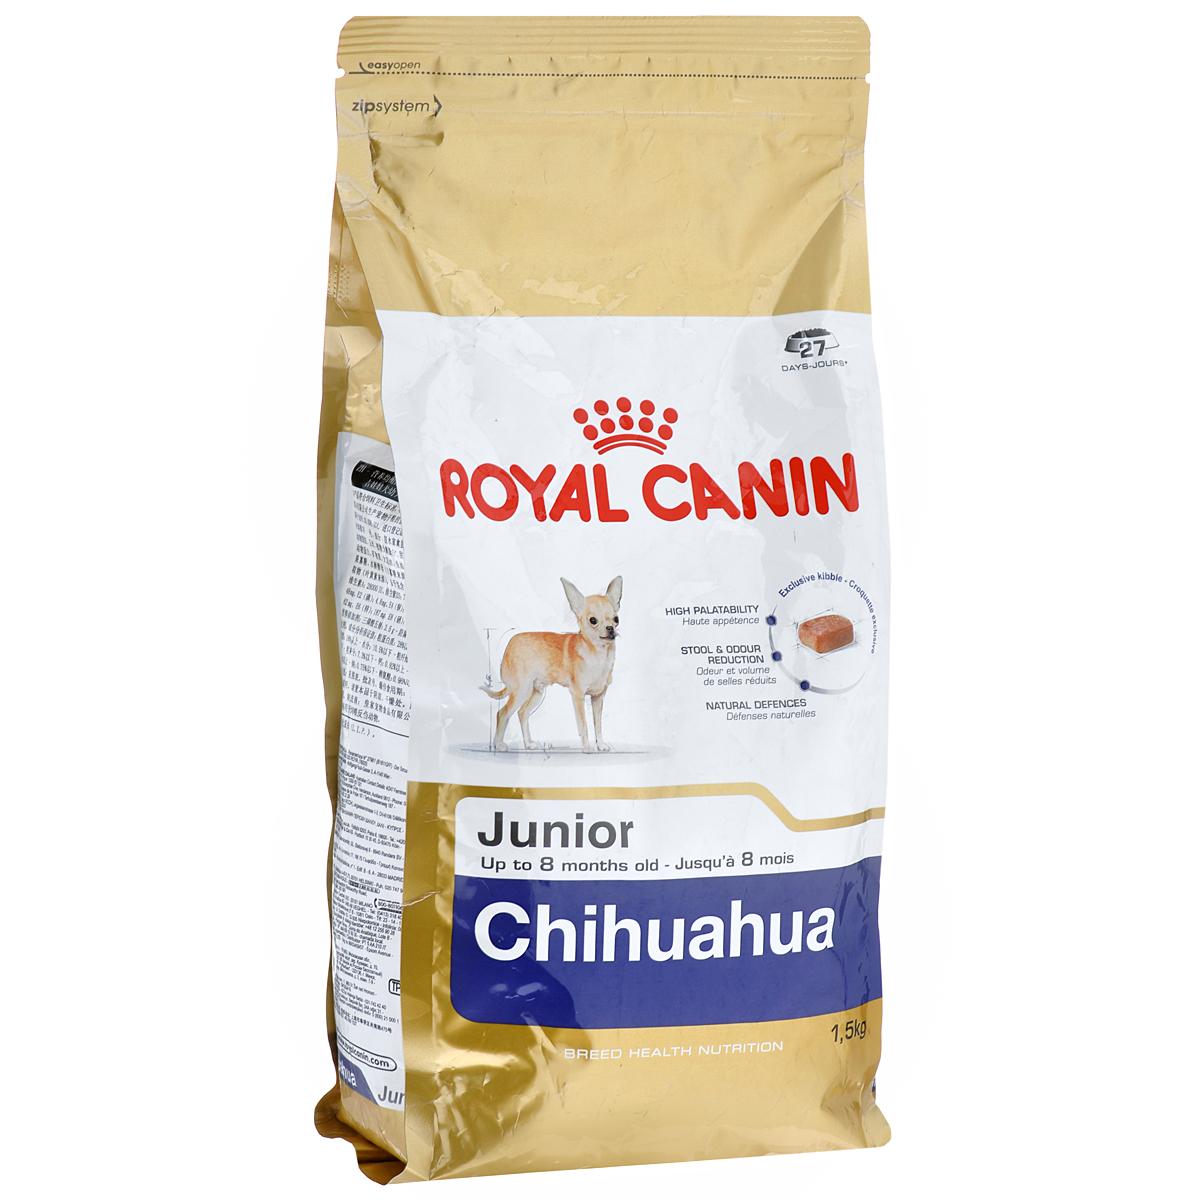 Корм сухой Royal Canin Chihuahua Junior, для щенков породы чихуахуа в возрасте до 8 месяцев, 1,5 кг8102Сухой корм Royal Canin Chihuahua Junior - полнорационное питание для щенков породы чихуахуа в возрасте до 8 месяцев. Щенок чихуахуа нуждается в особенной заботе из-за своих миниатюрных размеров и природной хрупкости. Чихуахуа является самой маленькой породой собак. Они очень предрасположены к образованию зубного камня, таким образом гигиена зубов крайне важна для собак этой породы. Очень важно выбрать корм, крокеты которого имеют соответствующую форму. Chihuahua Junior можно заказать и купить онлайн или в специальных магазинах. Высокая вкусовая привлекательность. Благодаря отборным натуральным ароматам и специально адаптированным крокетам мелкого размера и текстуры, корм обладает максимальной аппетитностью даже для самых маленьких и привередливых щенков чихуахуа. Ослабление запаха стула. Корм для щенков чихуахуа снижает объем и ослабляет неприятный запах экскрементов. Поддержание естественных механизмов защиты. Комплекс антиоксидантов, обладающих...